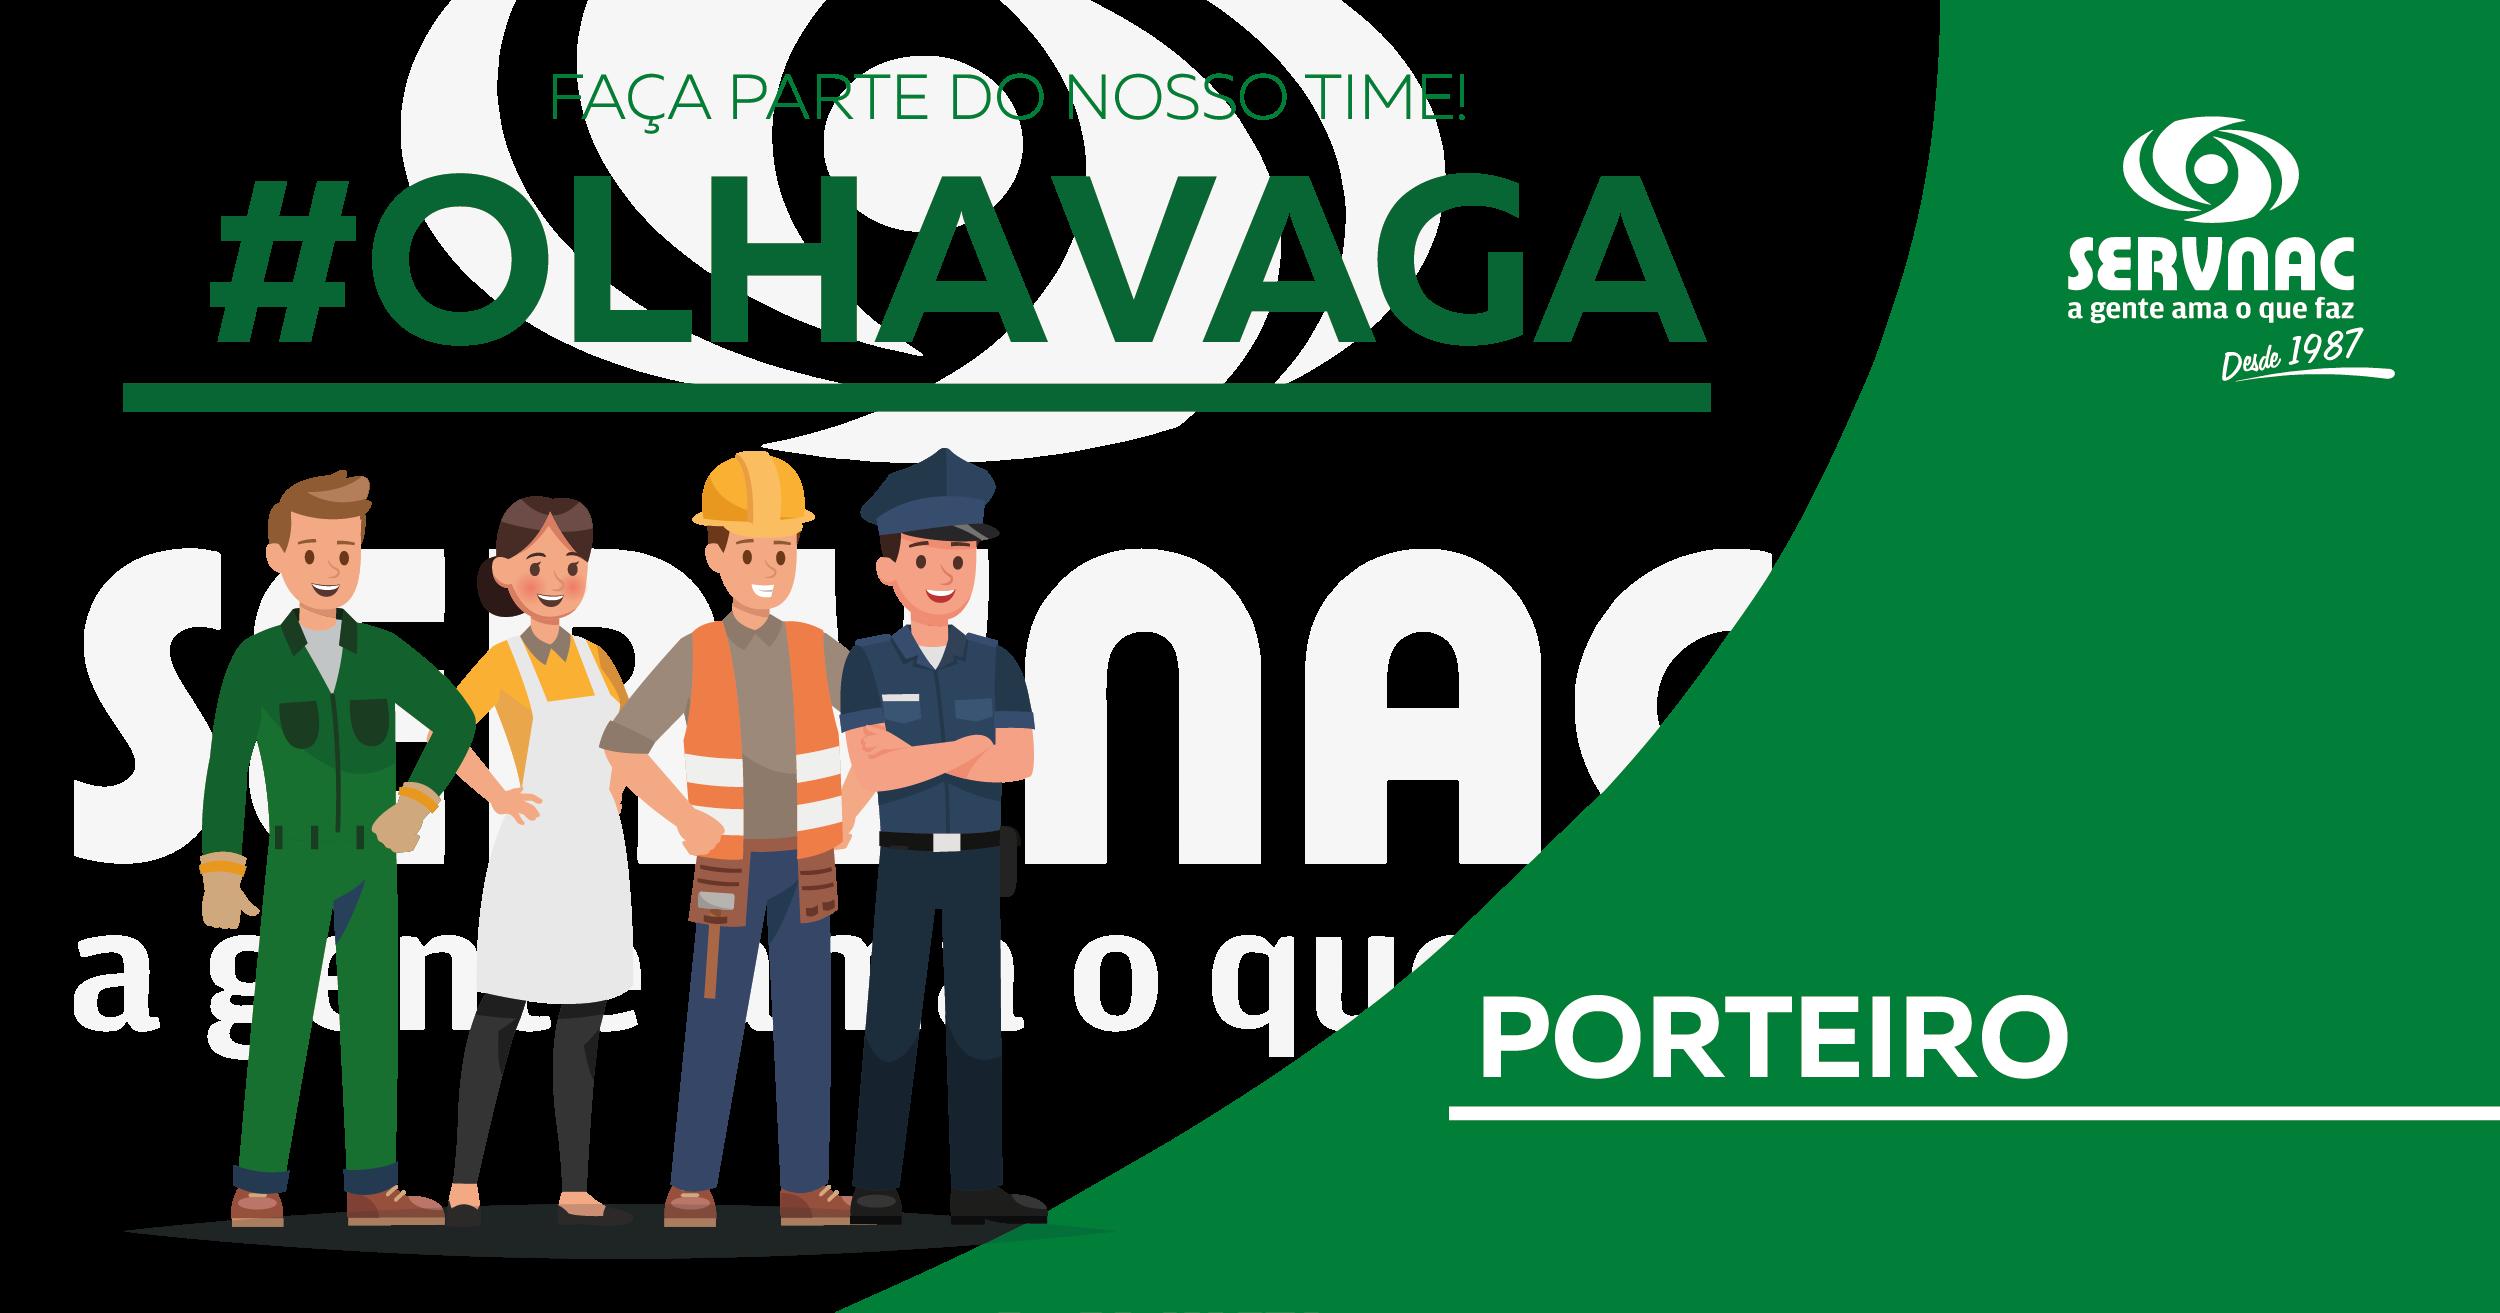 PORTEIRO - EUSÉBIO a5edc3c31af45